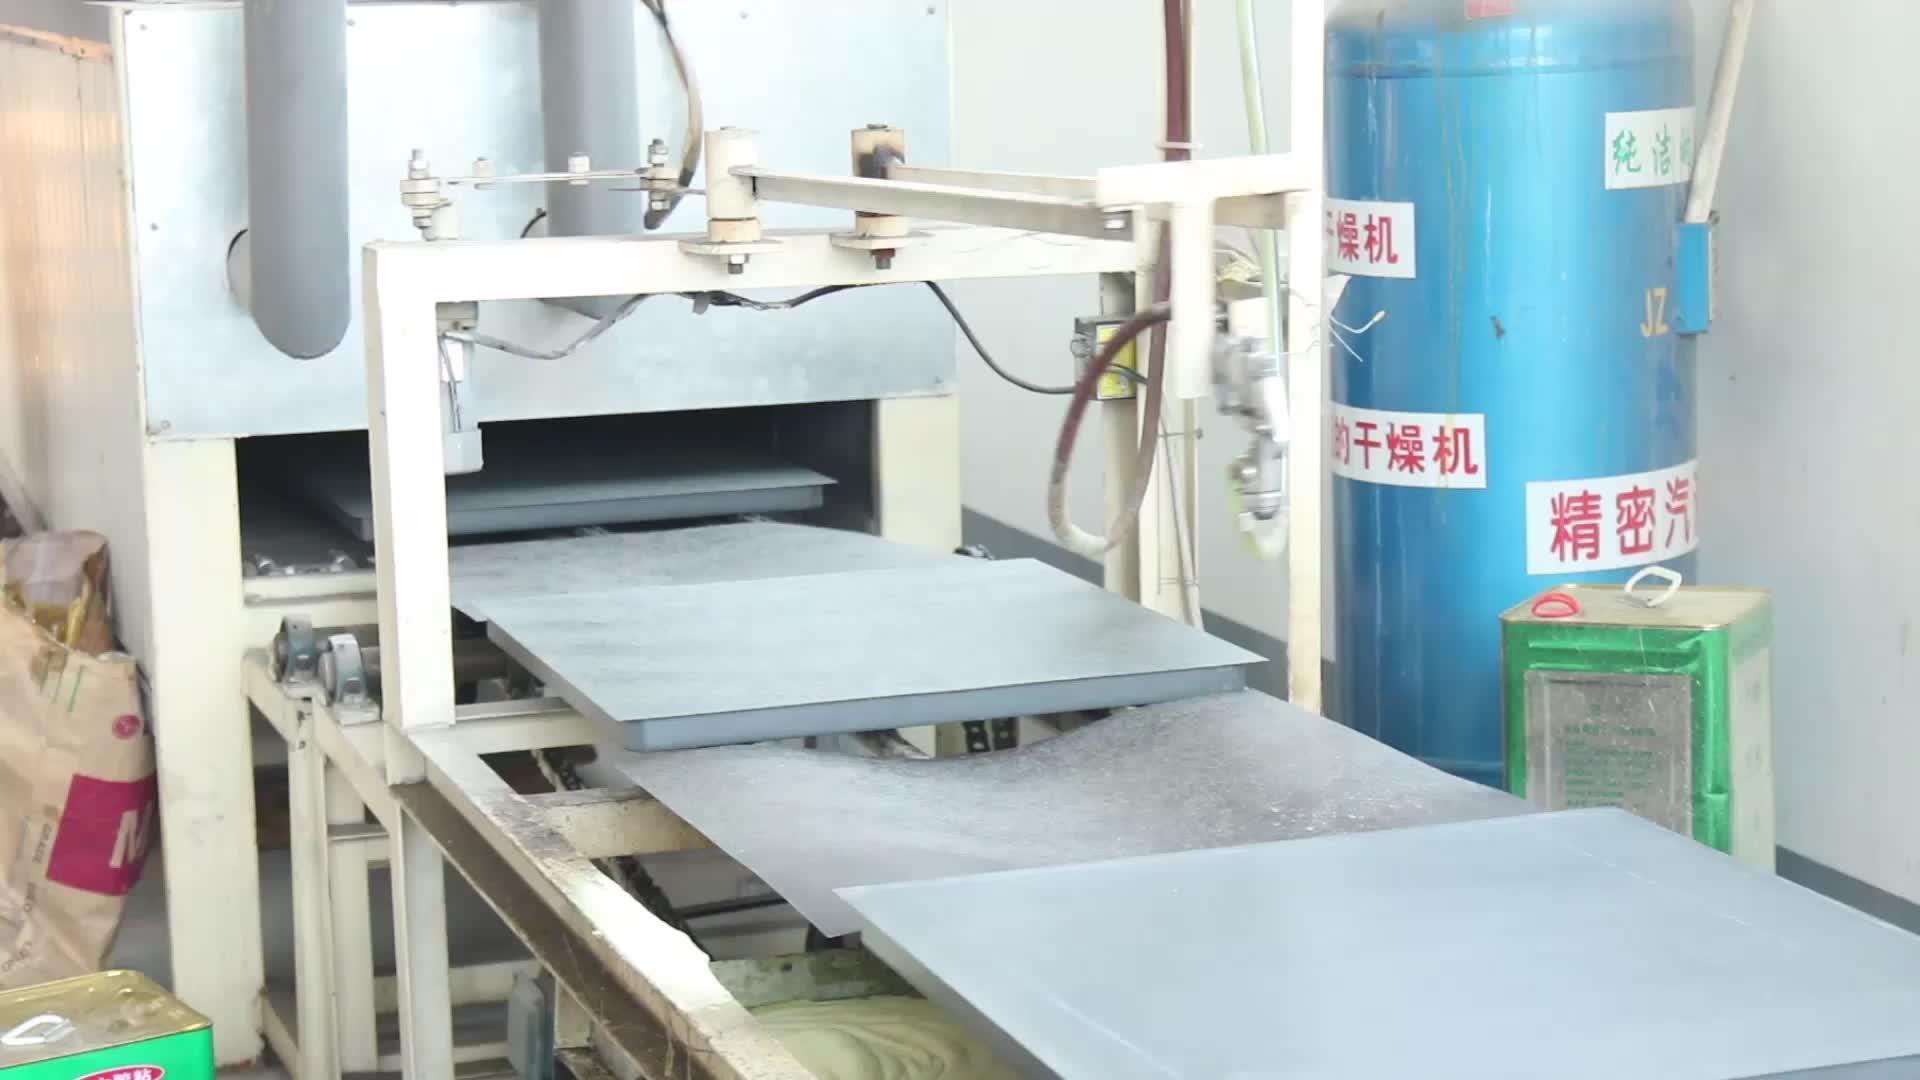 Venta caliente fábrica GRC criado piso de acceso al aire libre de alta calidad